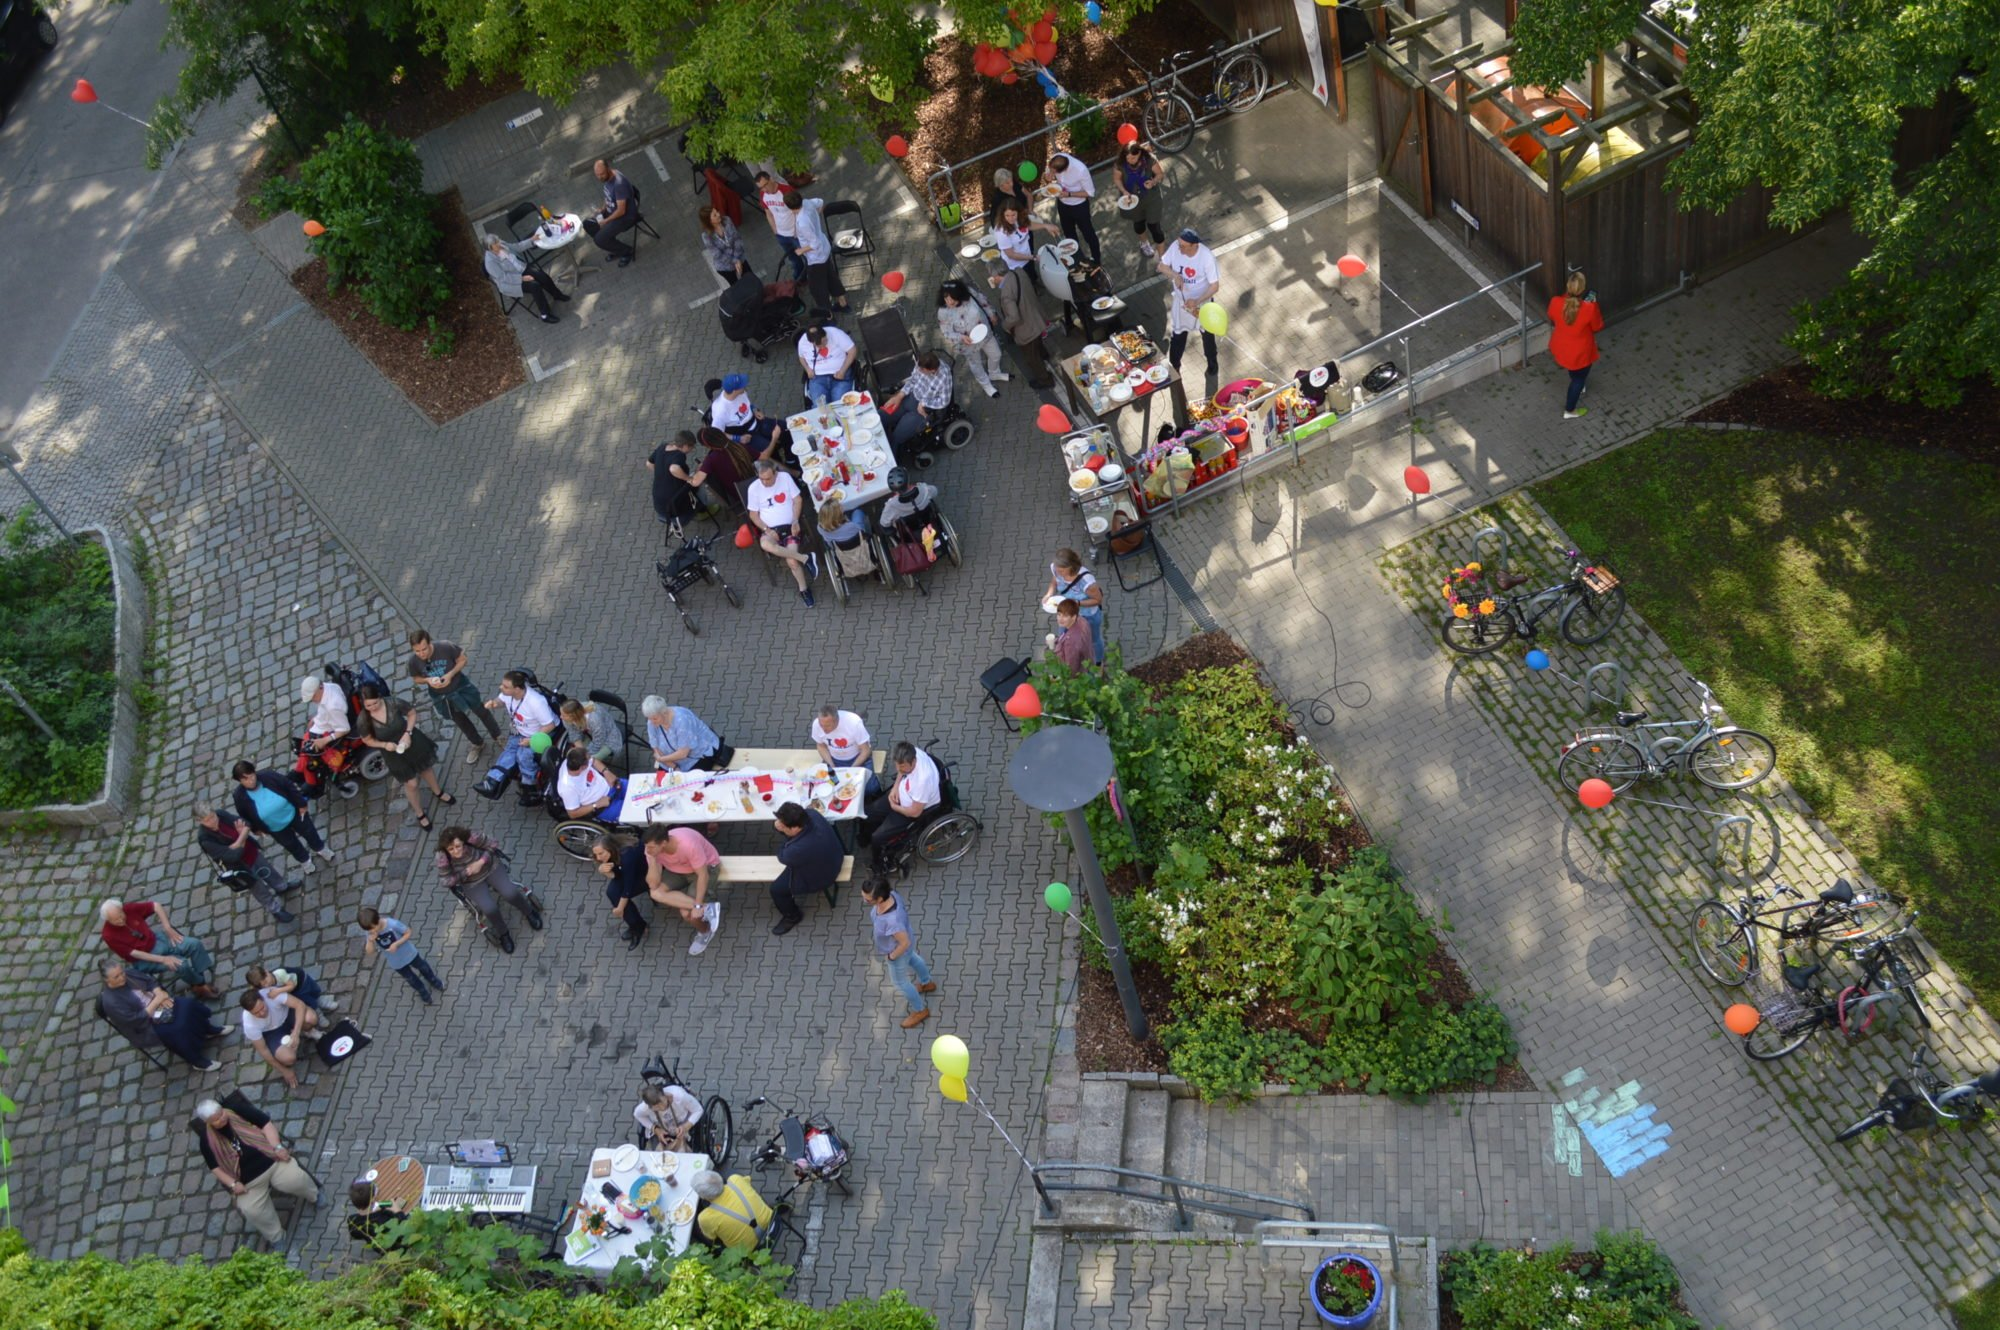 Vogelperspektive: der Tag der Nachbarn 2019 im WmI am Seelbuschring vom Balkon aus fotografiert. Leute stehen und sitzen auf dem Hof, unterhalten sich, essen Gegrilltes und haben eine gute Zeit.